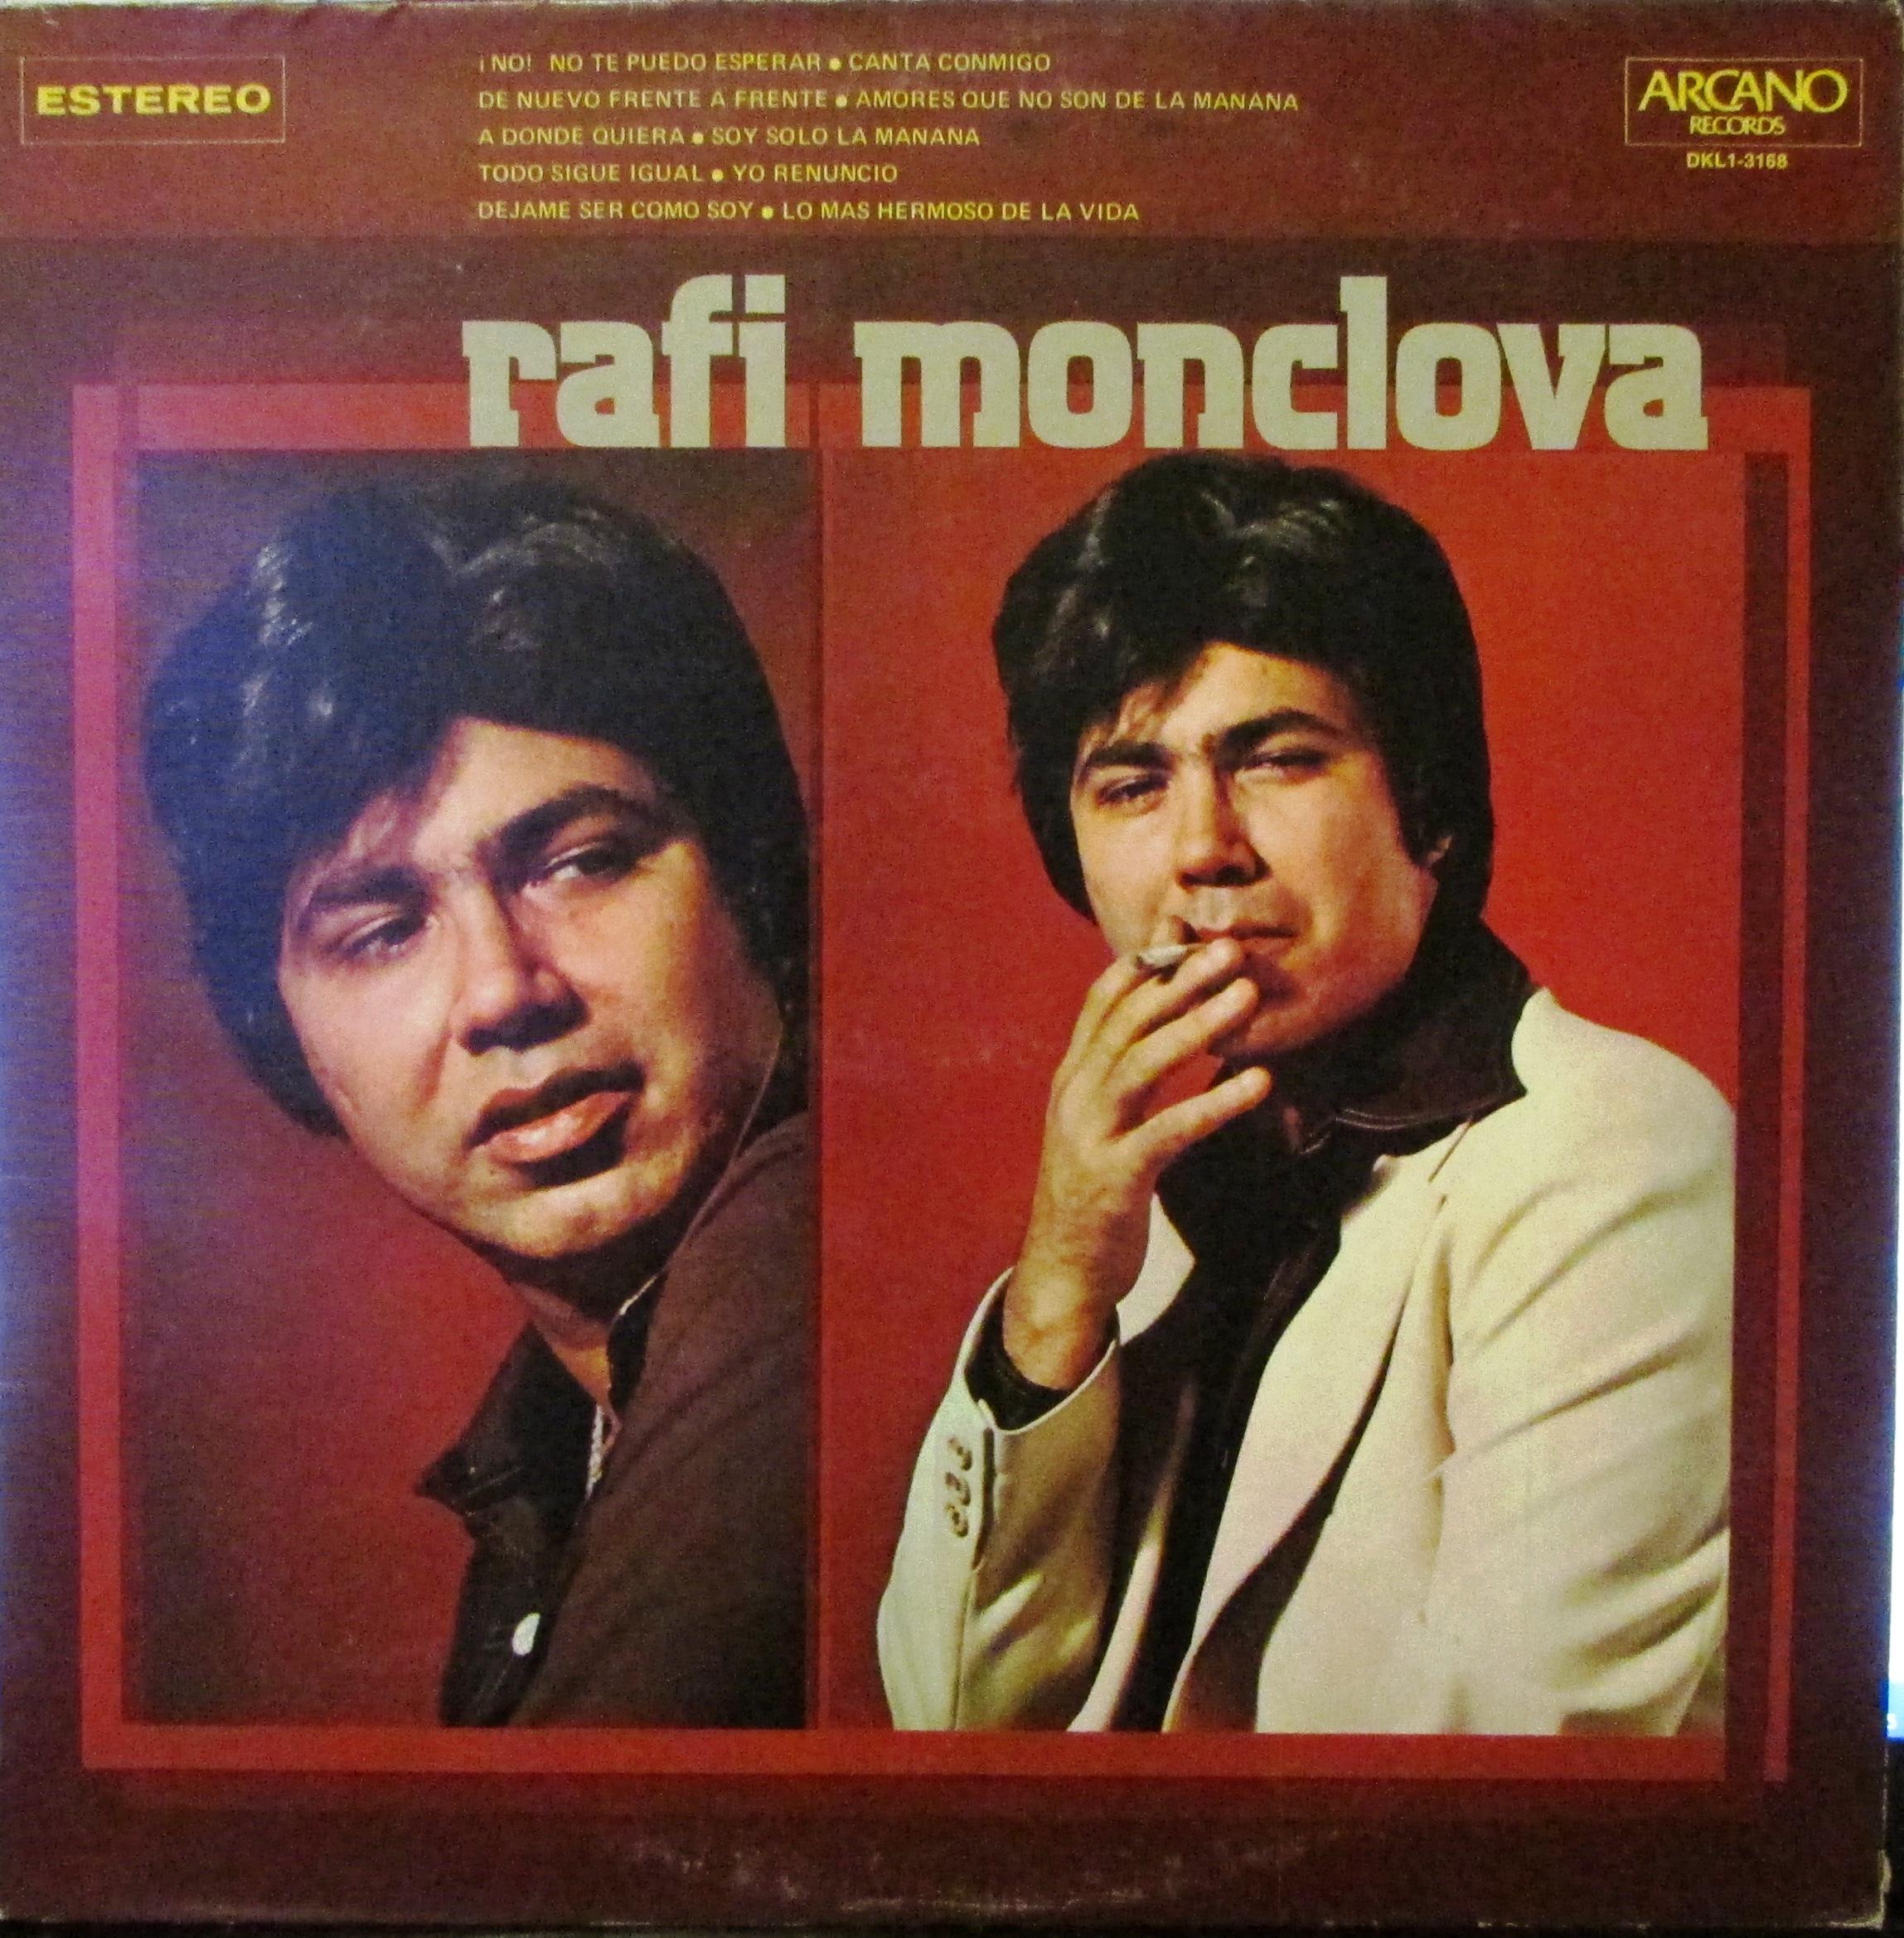 El cantautor grabó en la década de 1970 para el sello RCA en México. (archivo Fundación Nacional para la Cultura Popular)